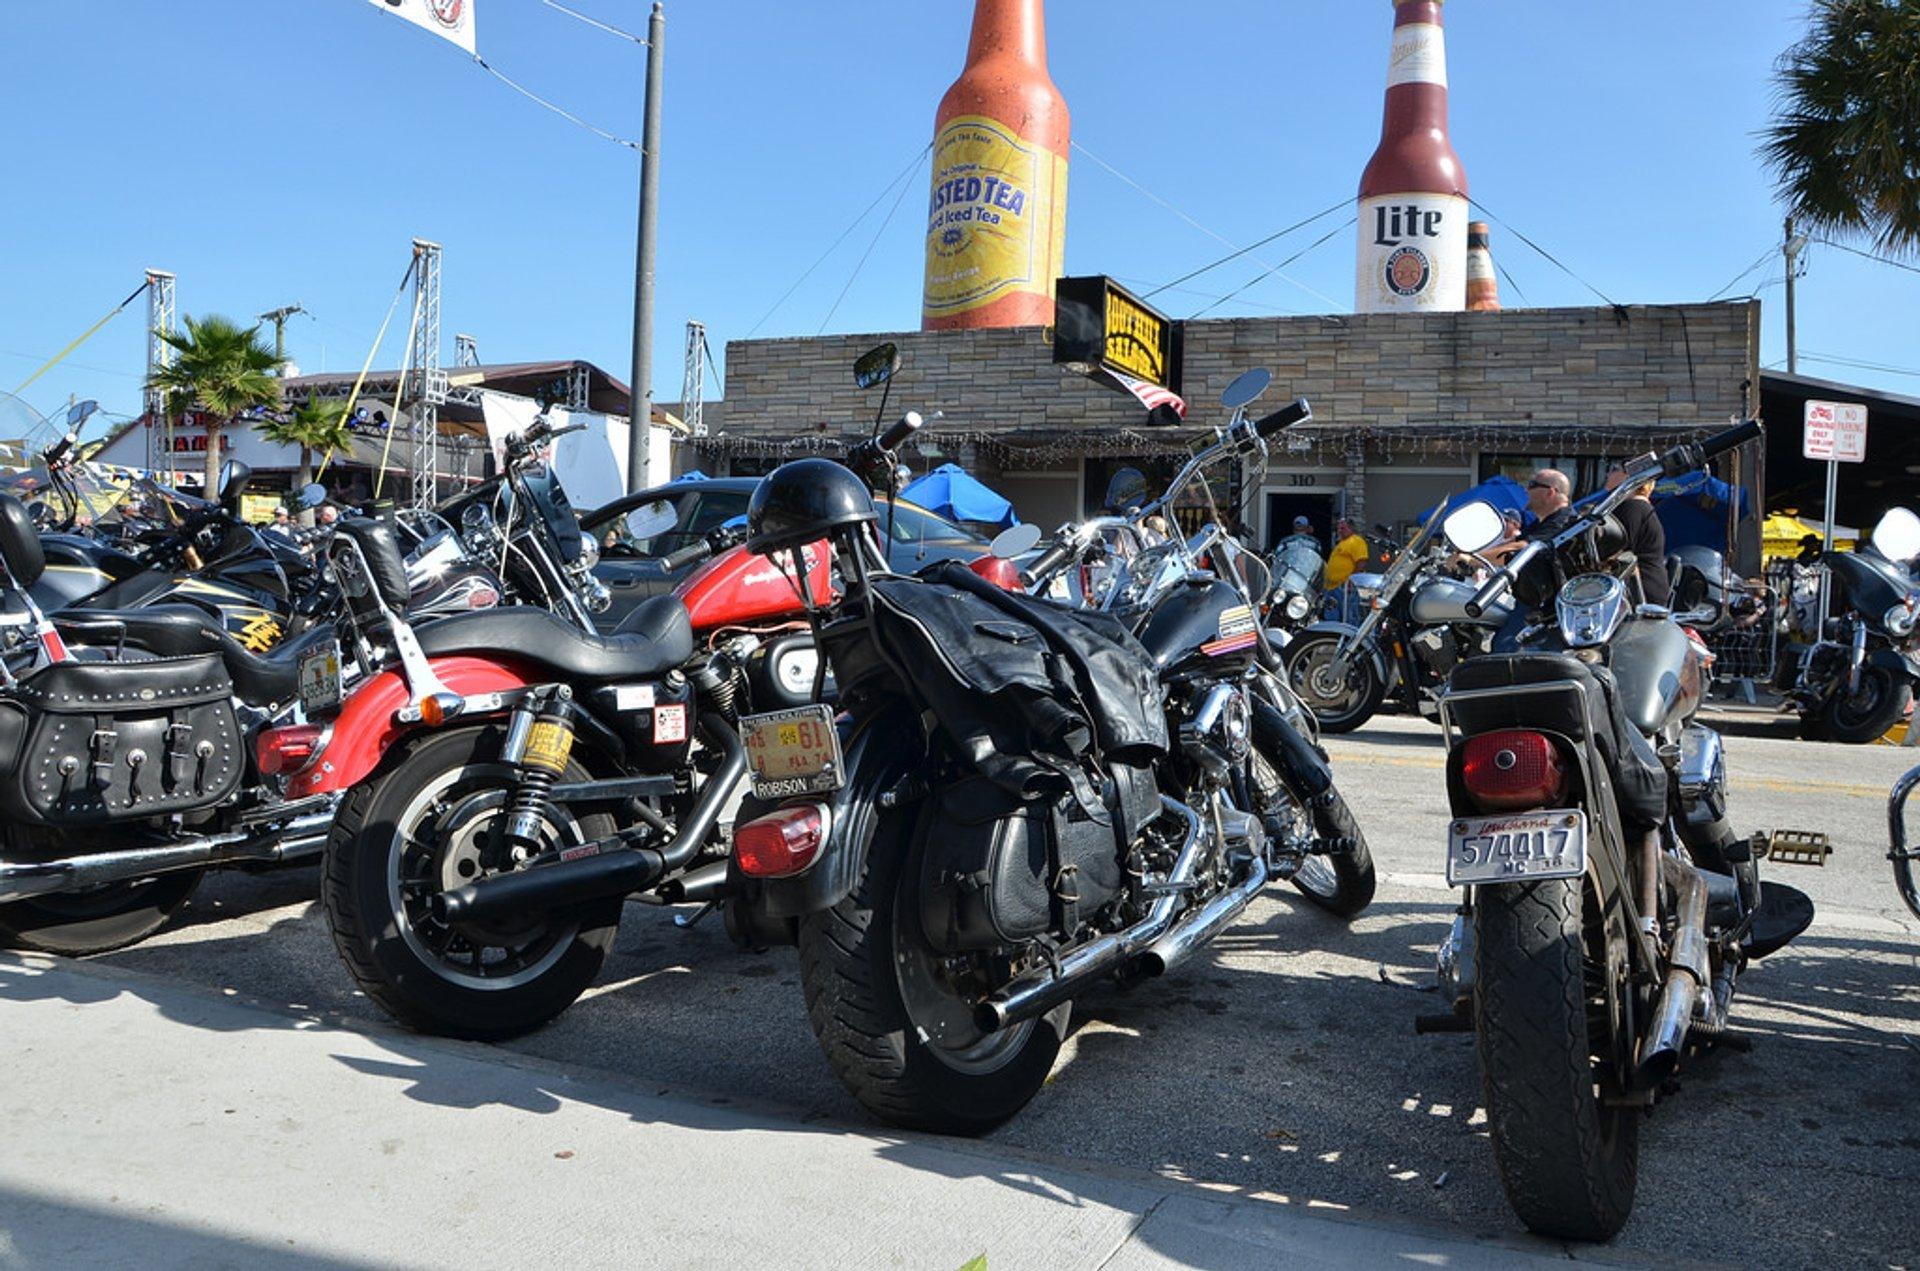 Best time for Daytona Beach Bike Week in Florida 2019